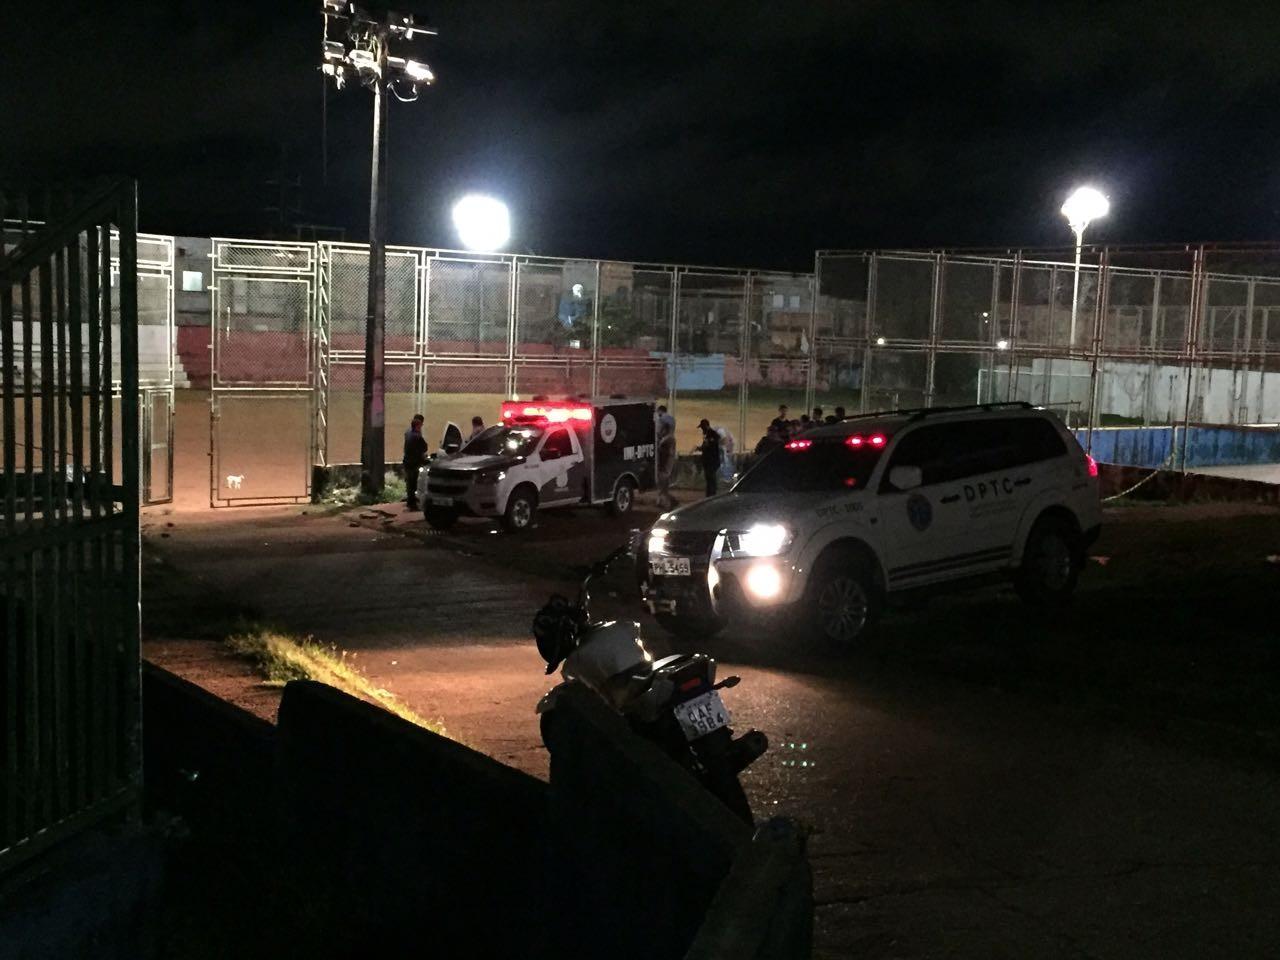 Homicídio por engano teria motivado chacina em campo de futebol, diz polícia no AM